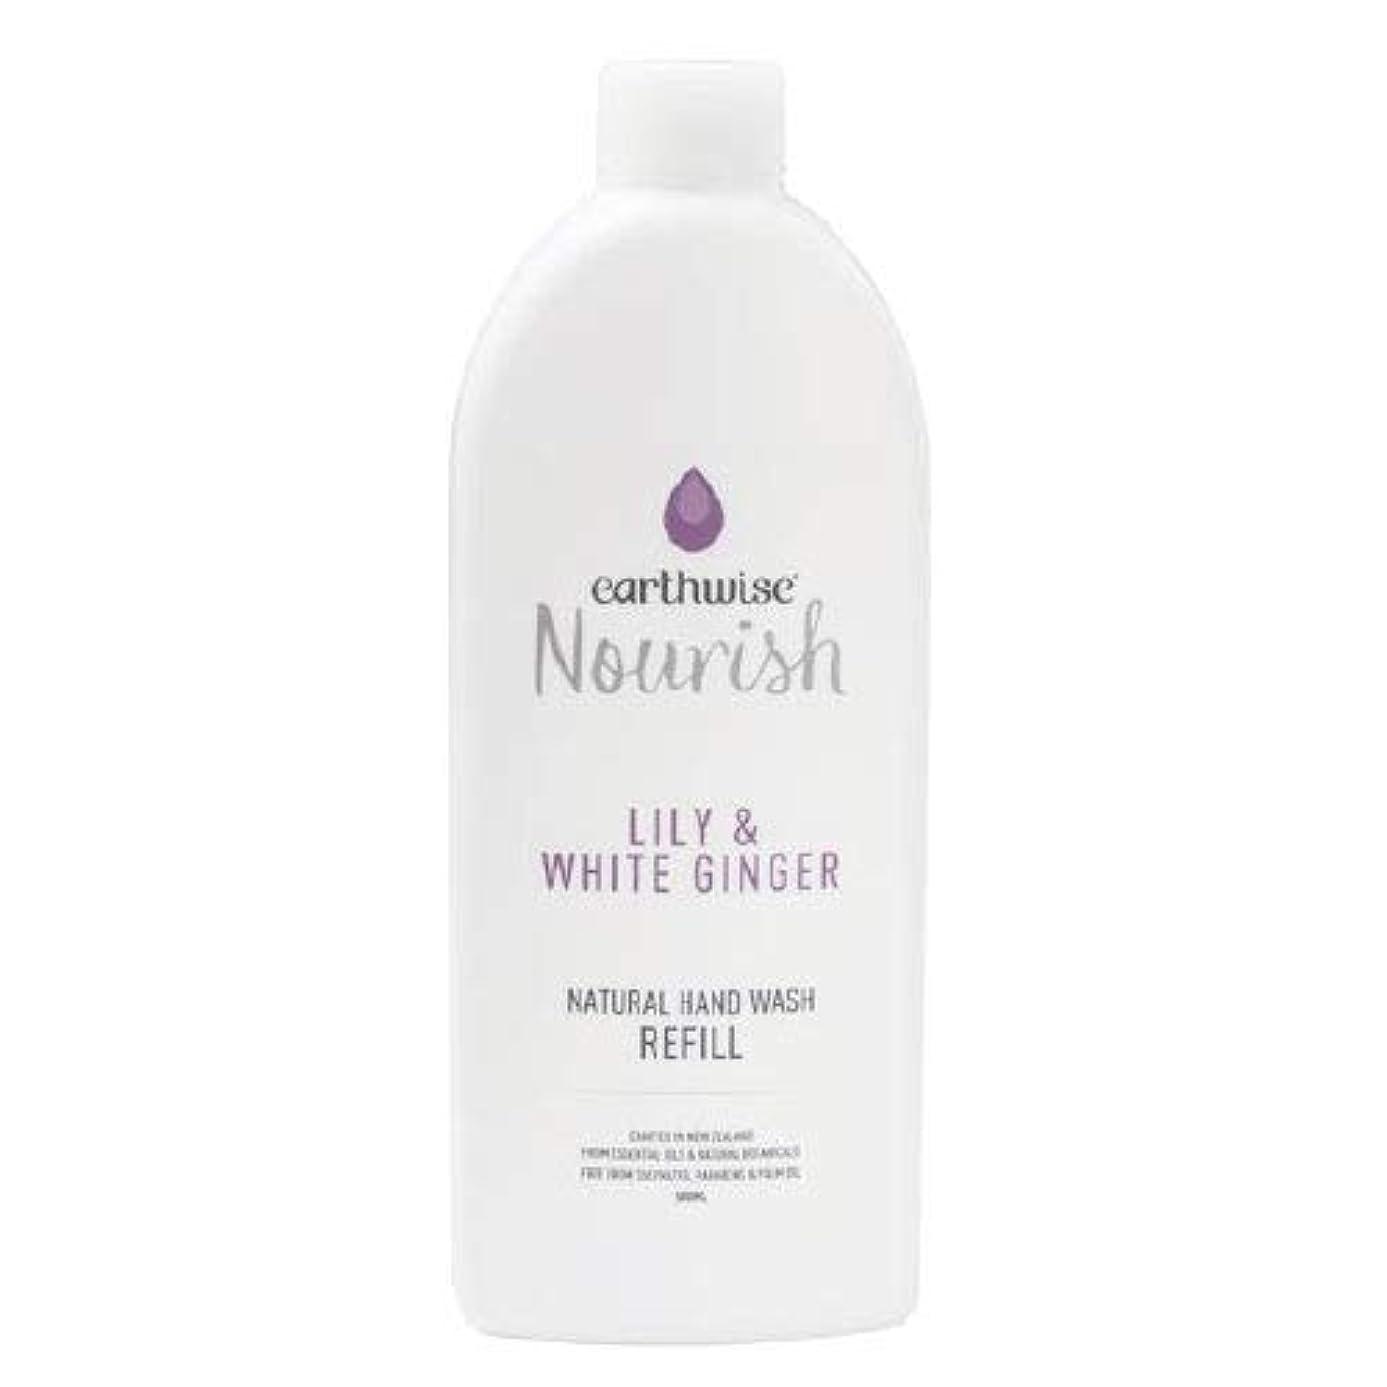 earthwise アースワイズ ナチュラルハンドウォッシュ リリー&ホワイトジンジャー 液体 石鹸 詰め替え用 500ml